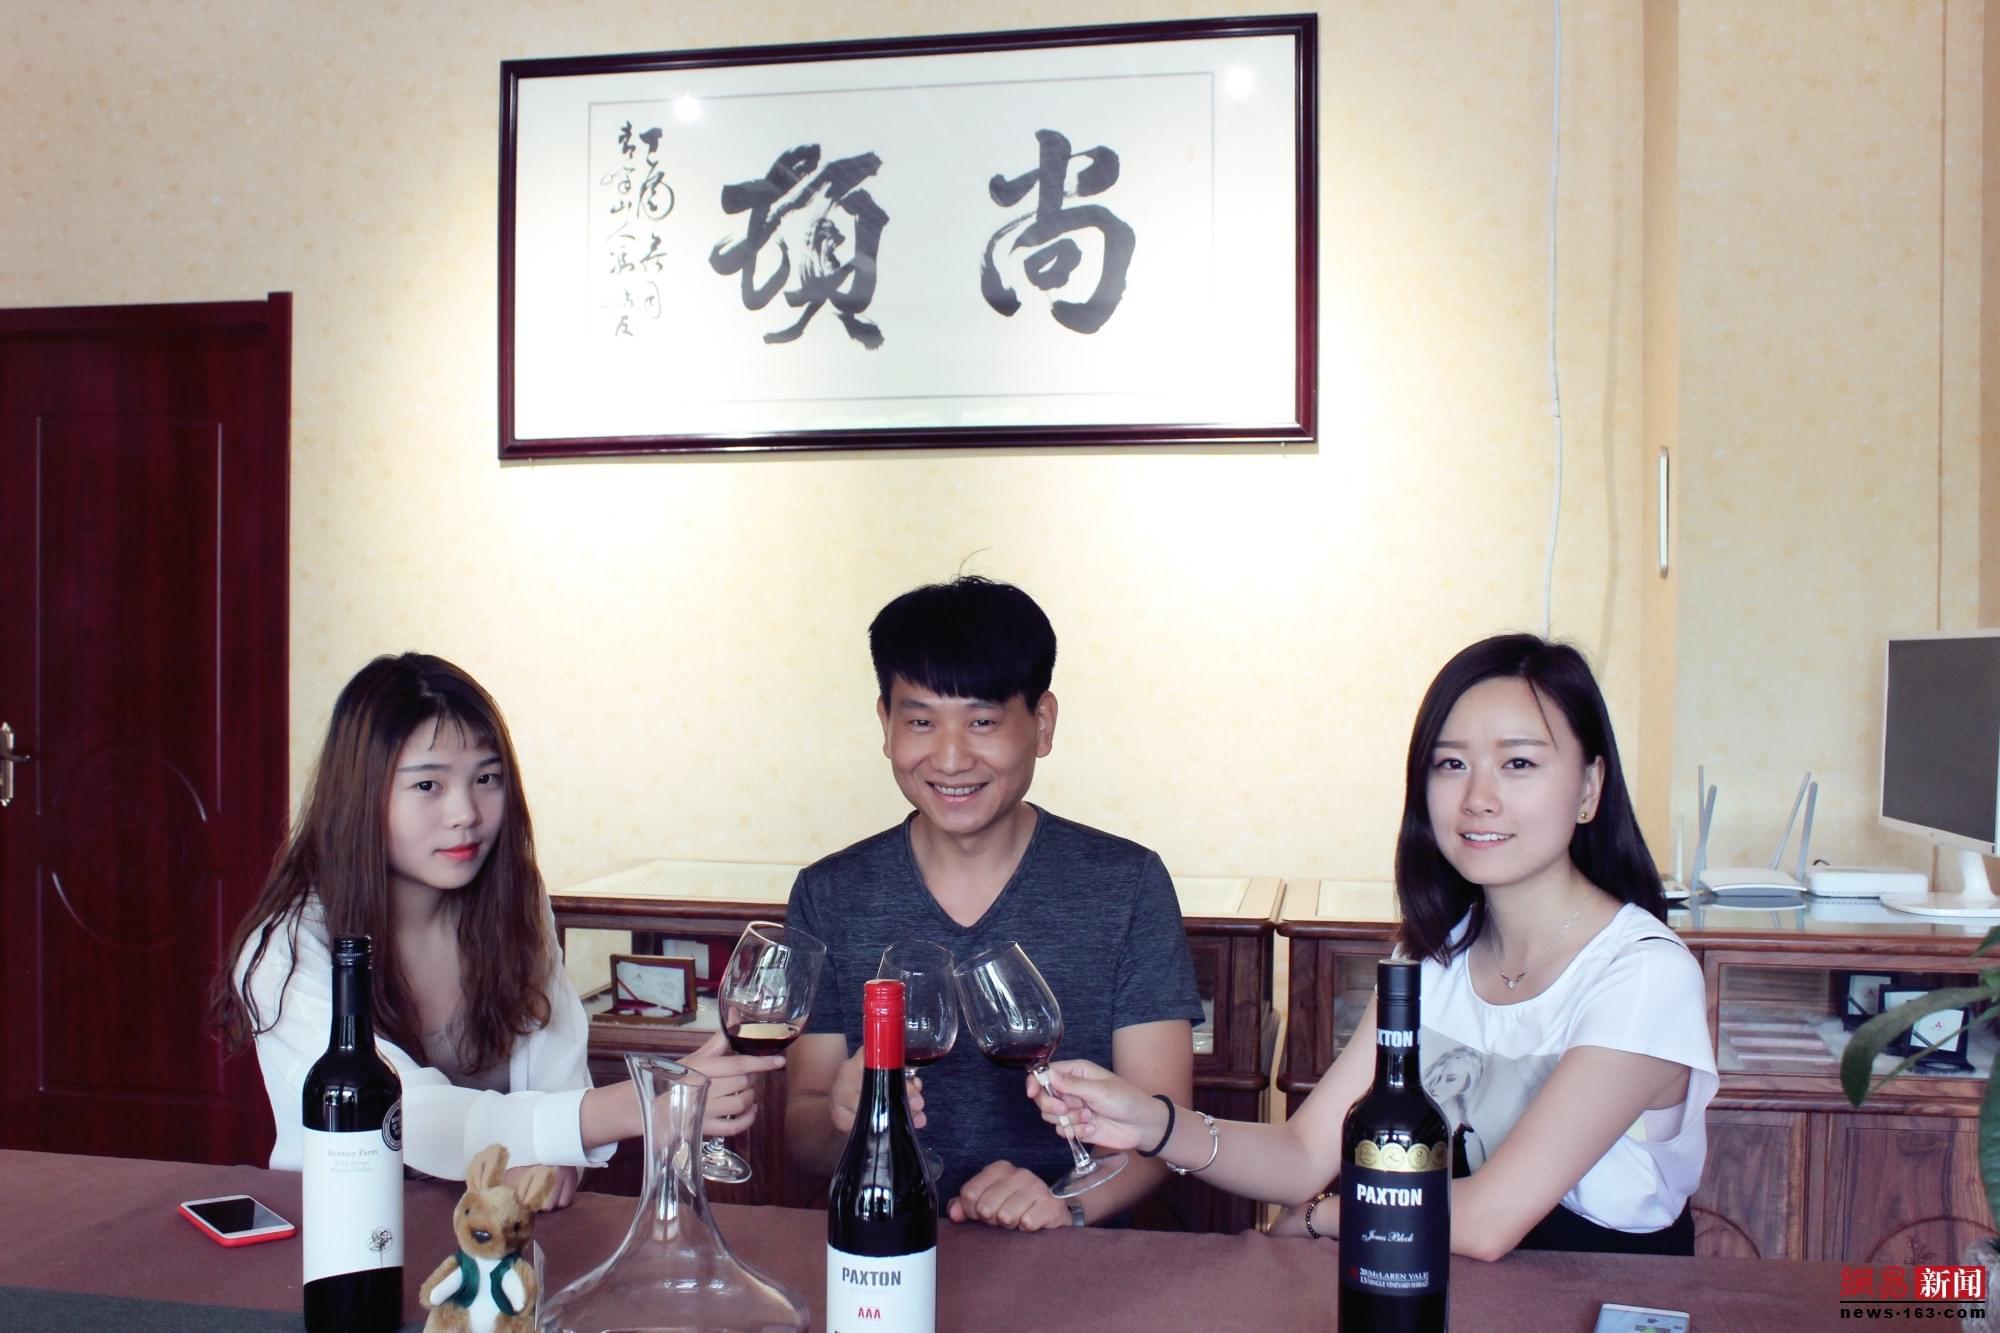 葡萄酒之缘——尚顿酒庄行